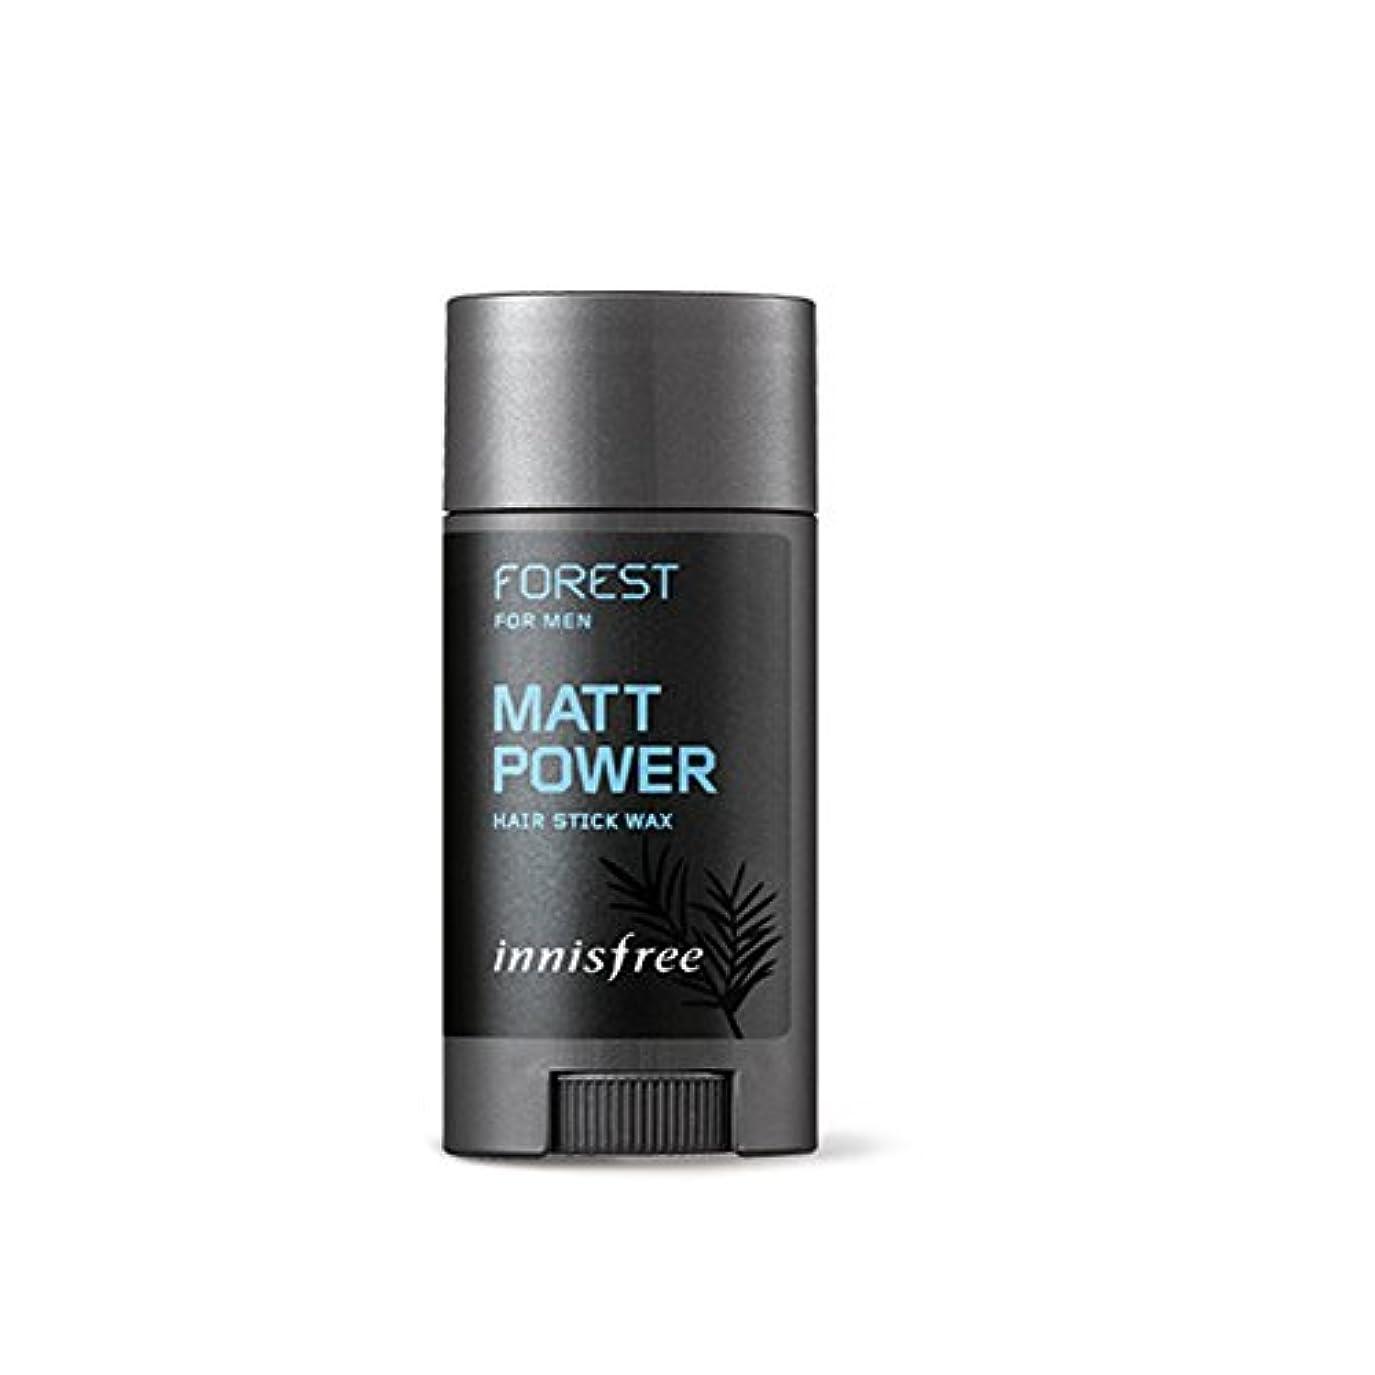 姓憂鬱な半円イニスフリーフォレストメンズヘアスティックワックス、マットパワー15g / Innisfree Forest for Men Hair Stick Wax, Matt Power 15g [並行輸入品][海外直送品]